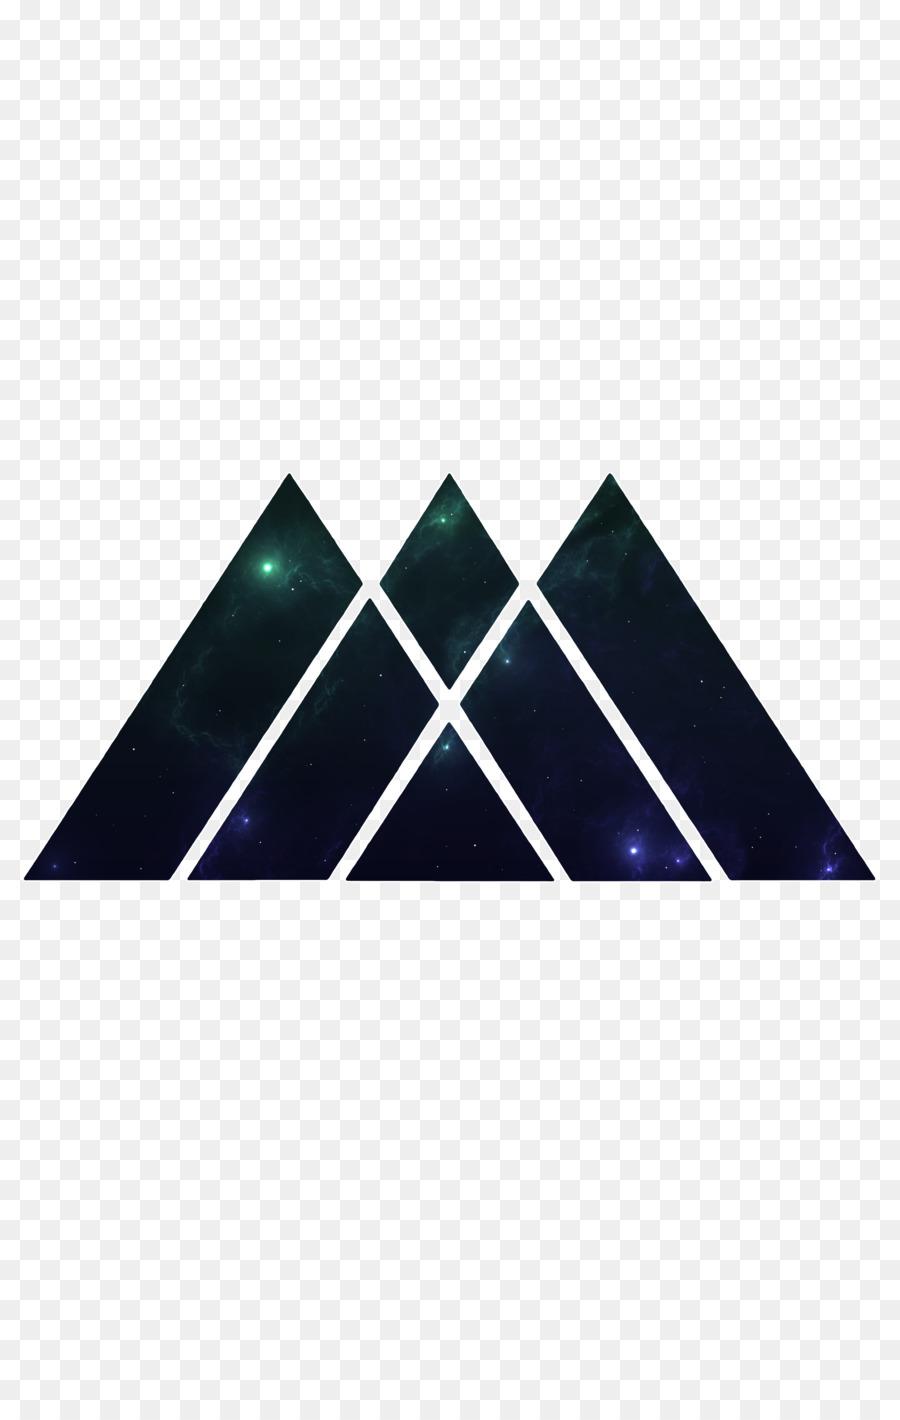 Destiny 2 Warlock Emblem Drawing Destiny Png Download 26674167